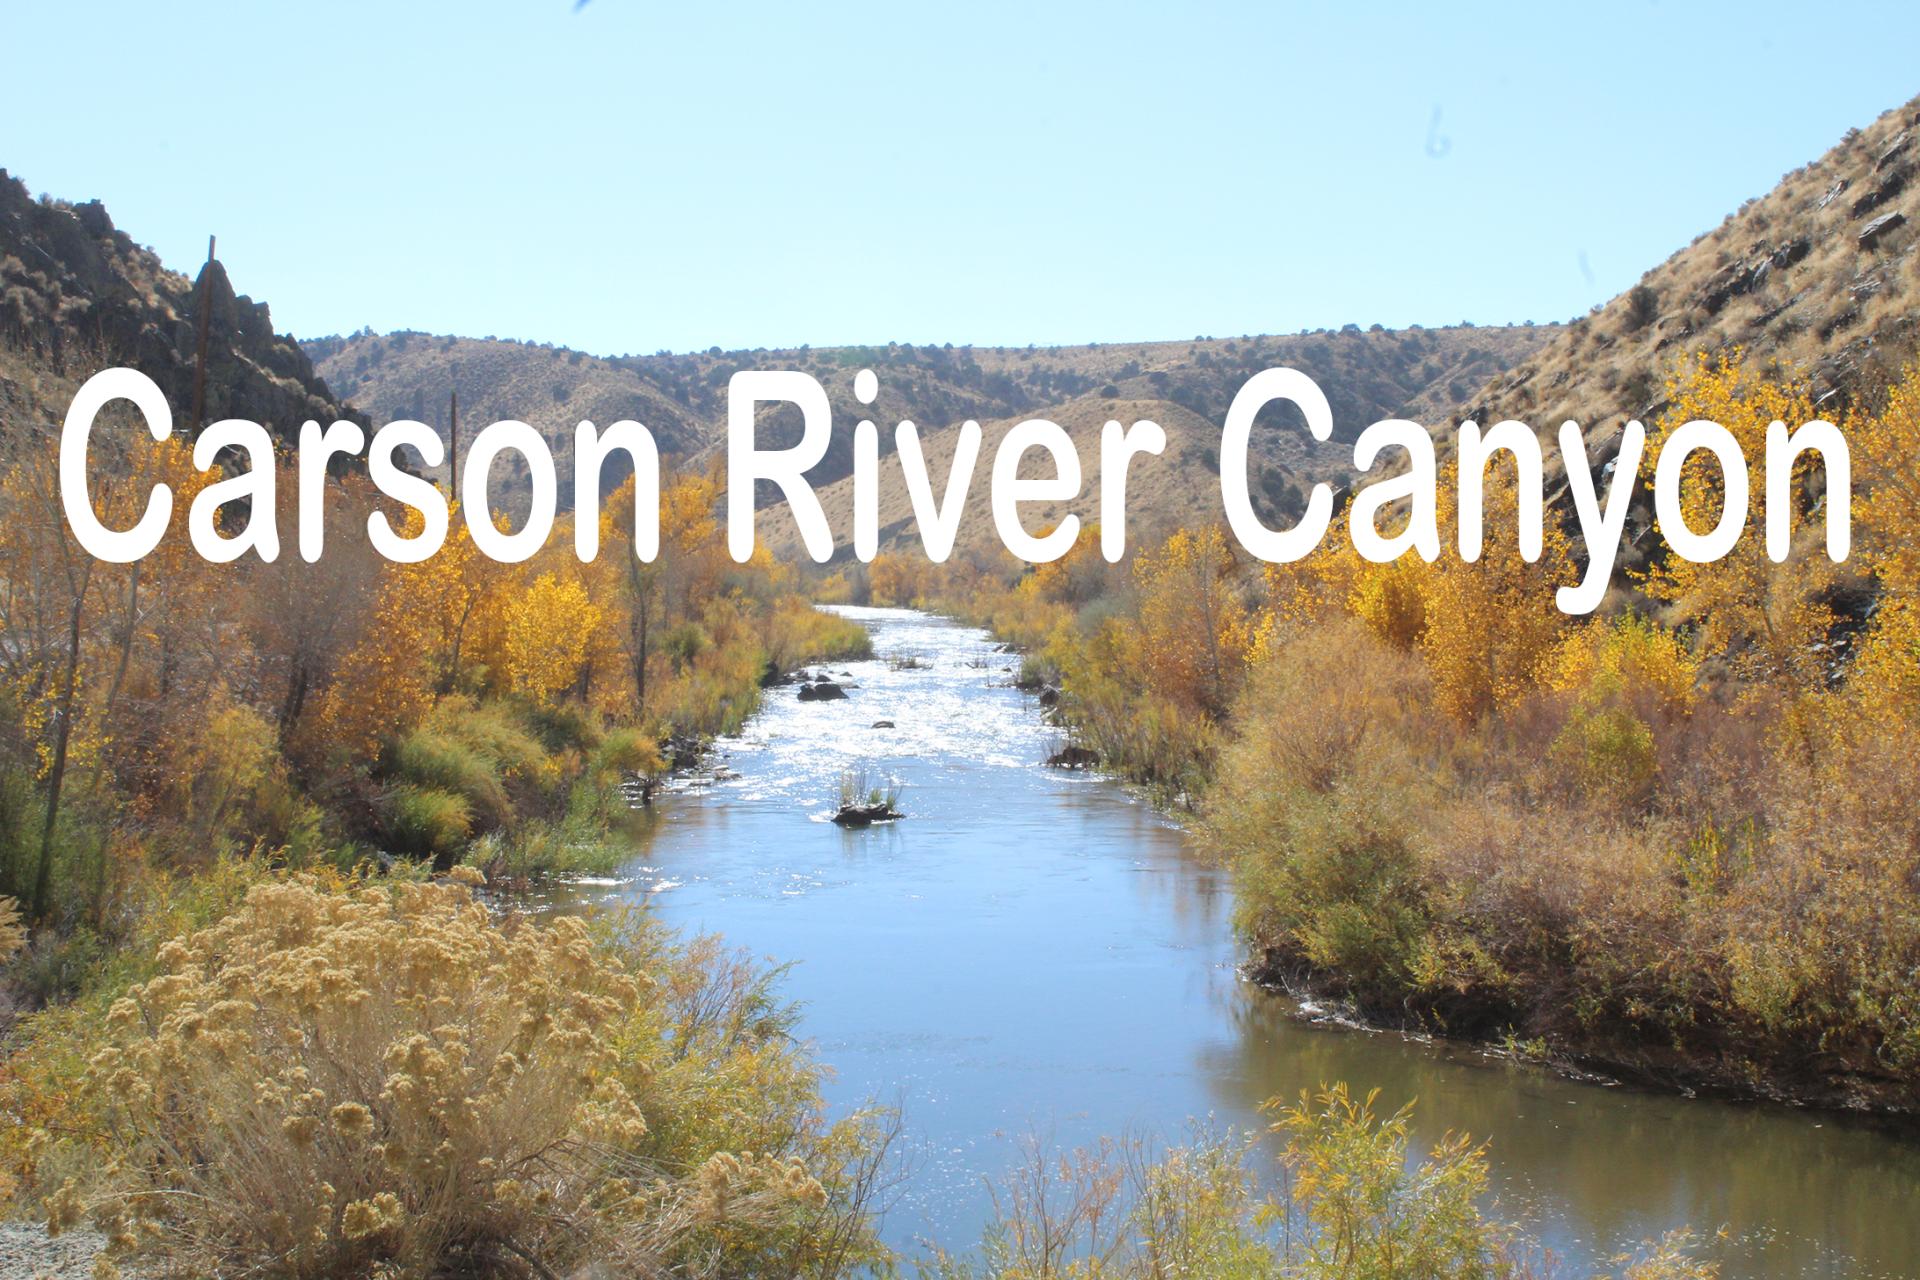 CarsonRiverCanyon